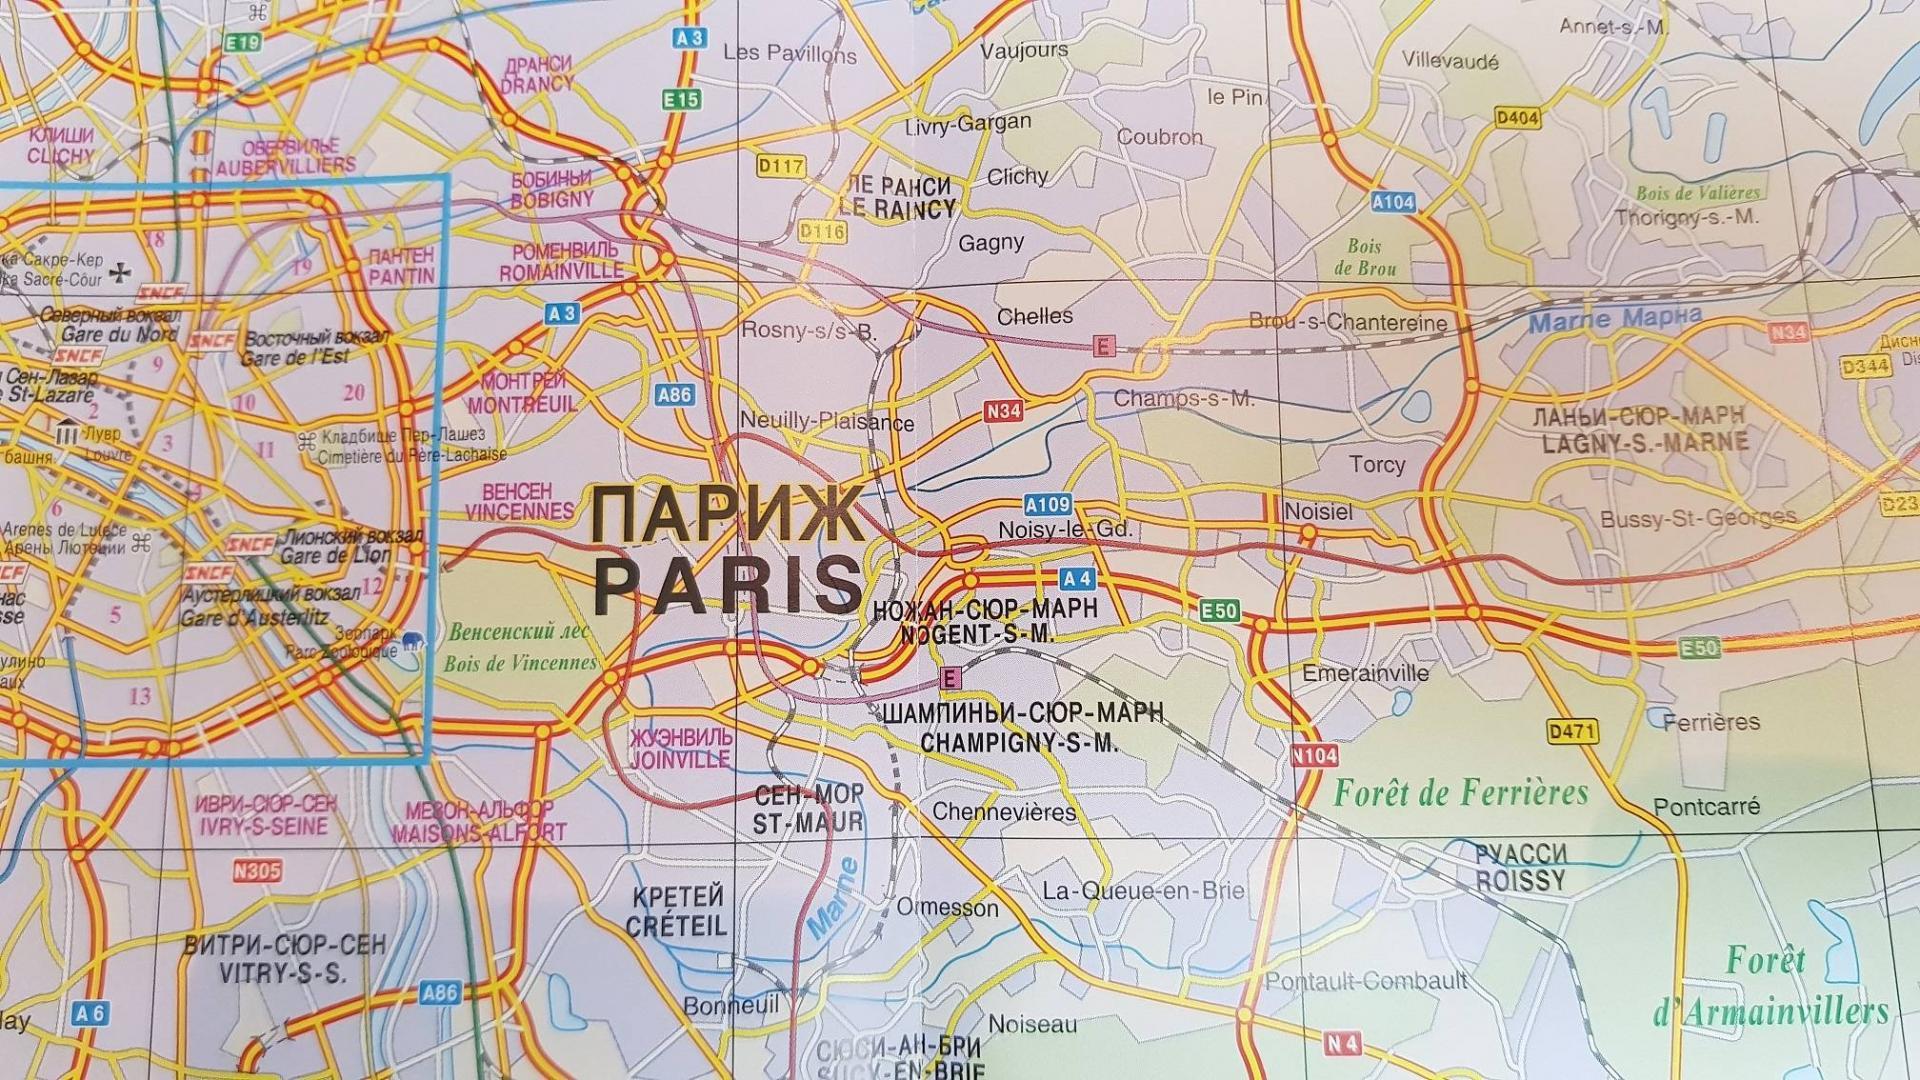 Иллюстрация 7 из 17 для Париж и пригороды. Автодорожная и туристическая карта города (на русском языке) | Лабиринт - книги. Источник: Lana Ap.